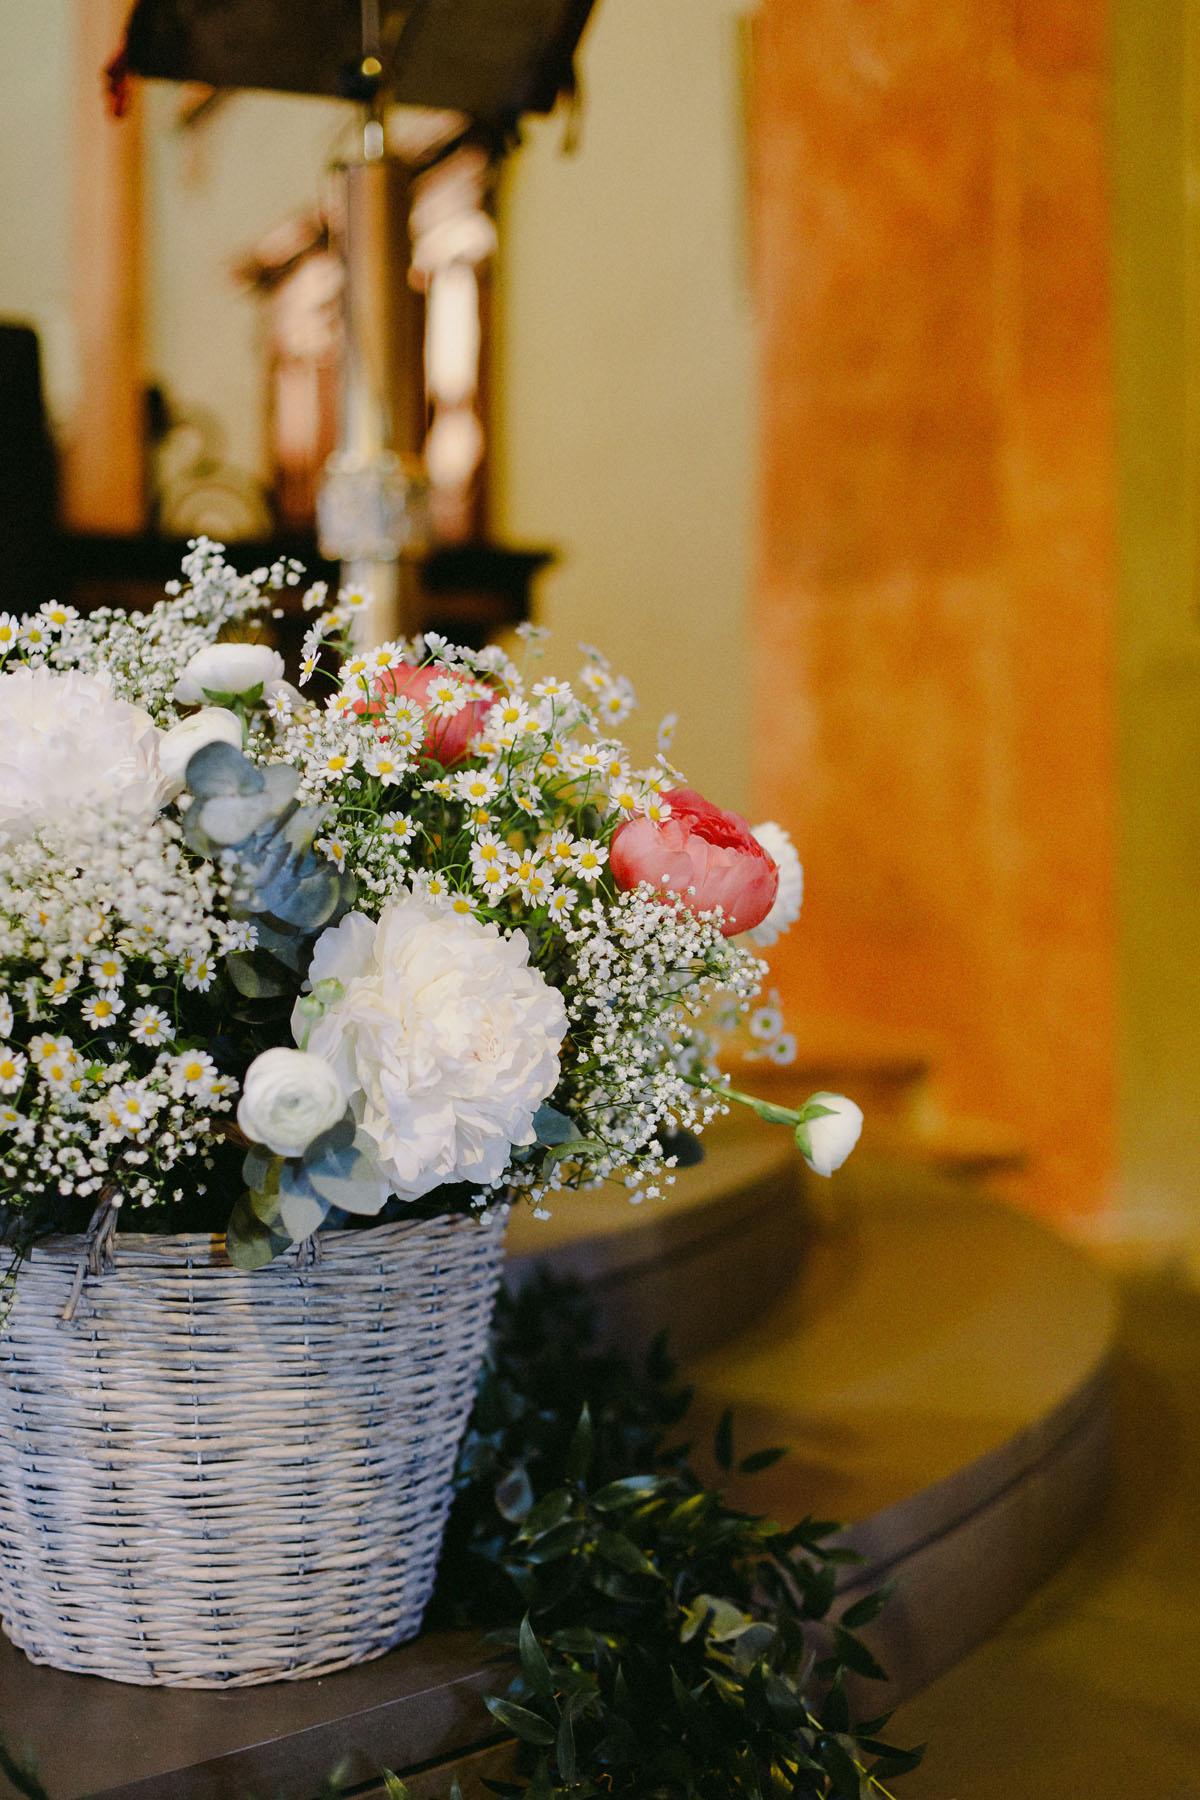 allestimento matrimonio country con fiori in cesto di vimini